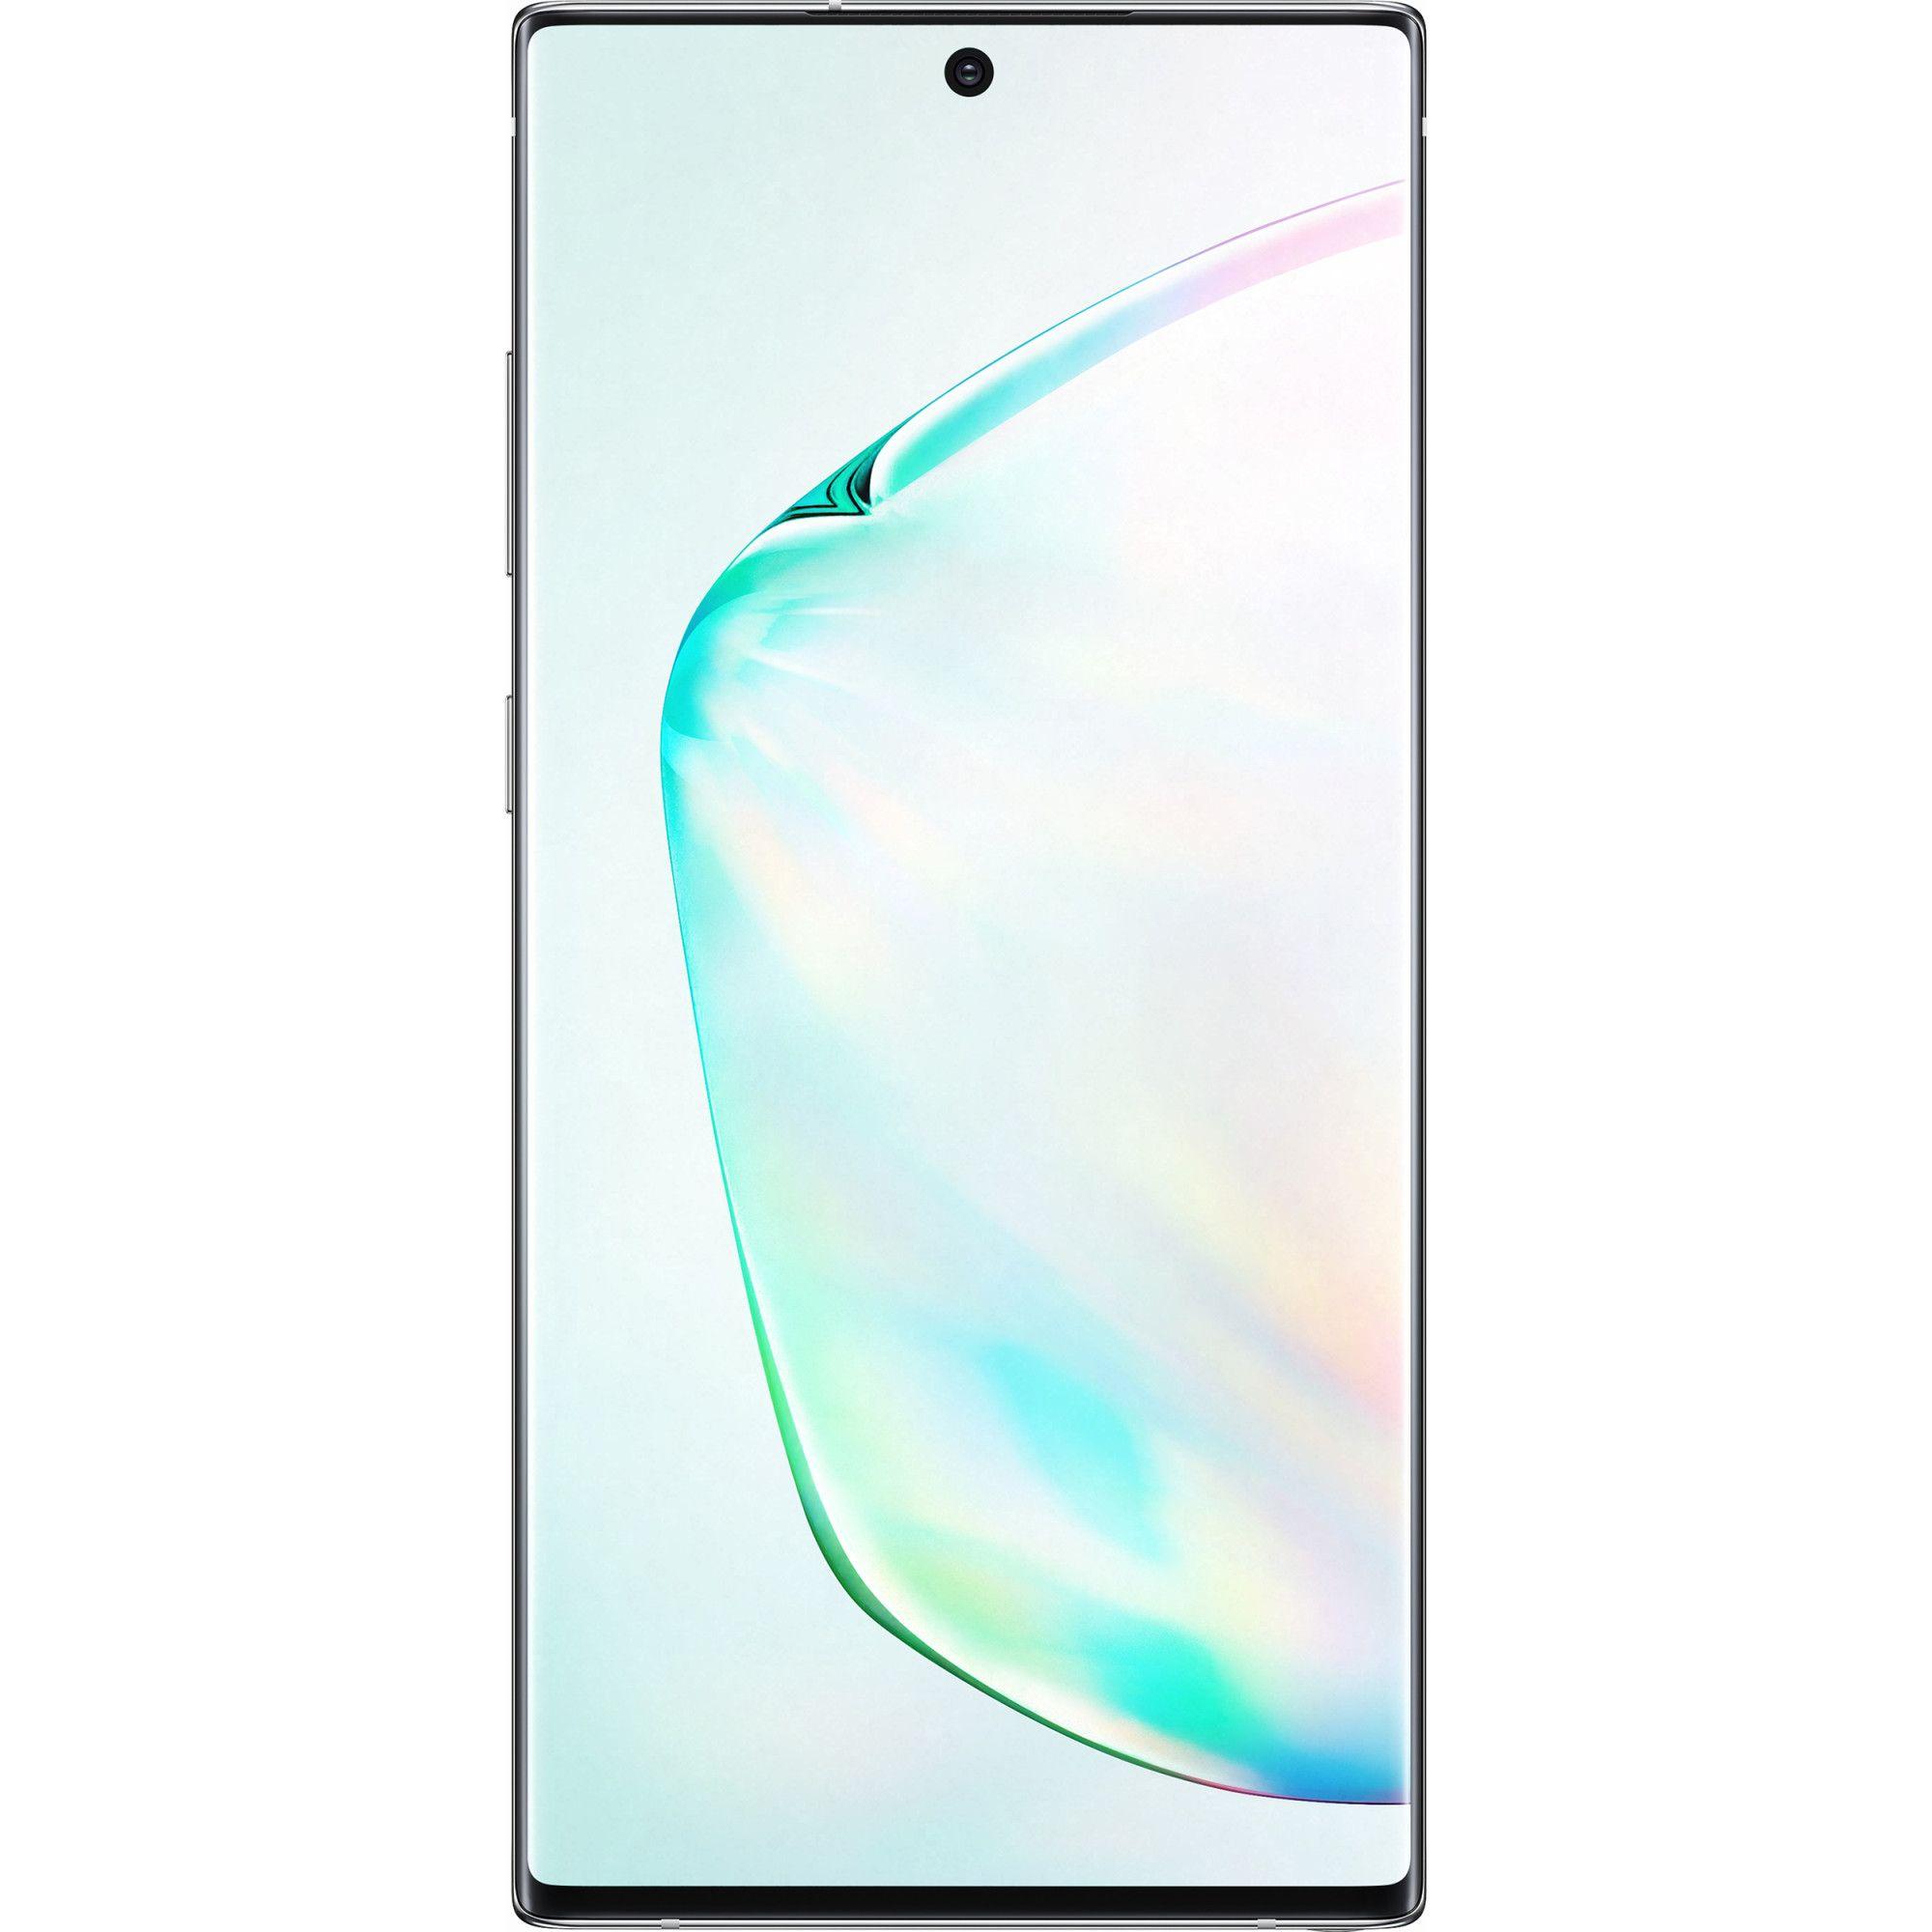 Telefon mobil Samsung Galaxy Note 10 Plus, N975F, Dual SIM, 512GB, 12GB RAM, 4G, Aura Glow